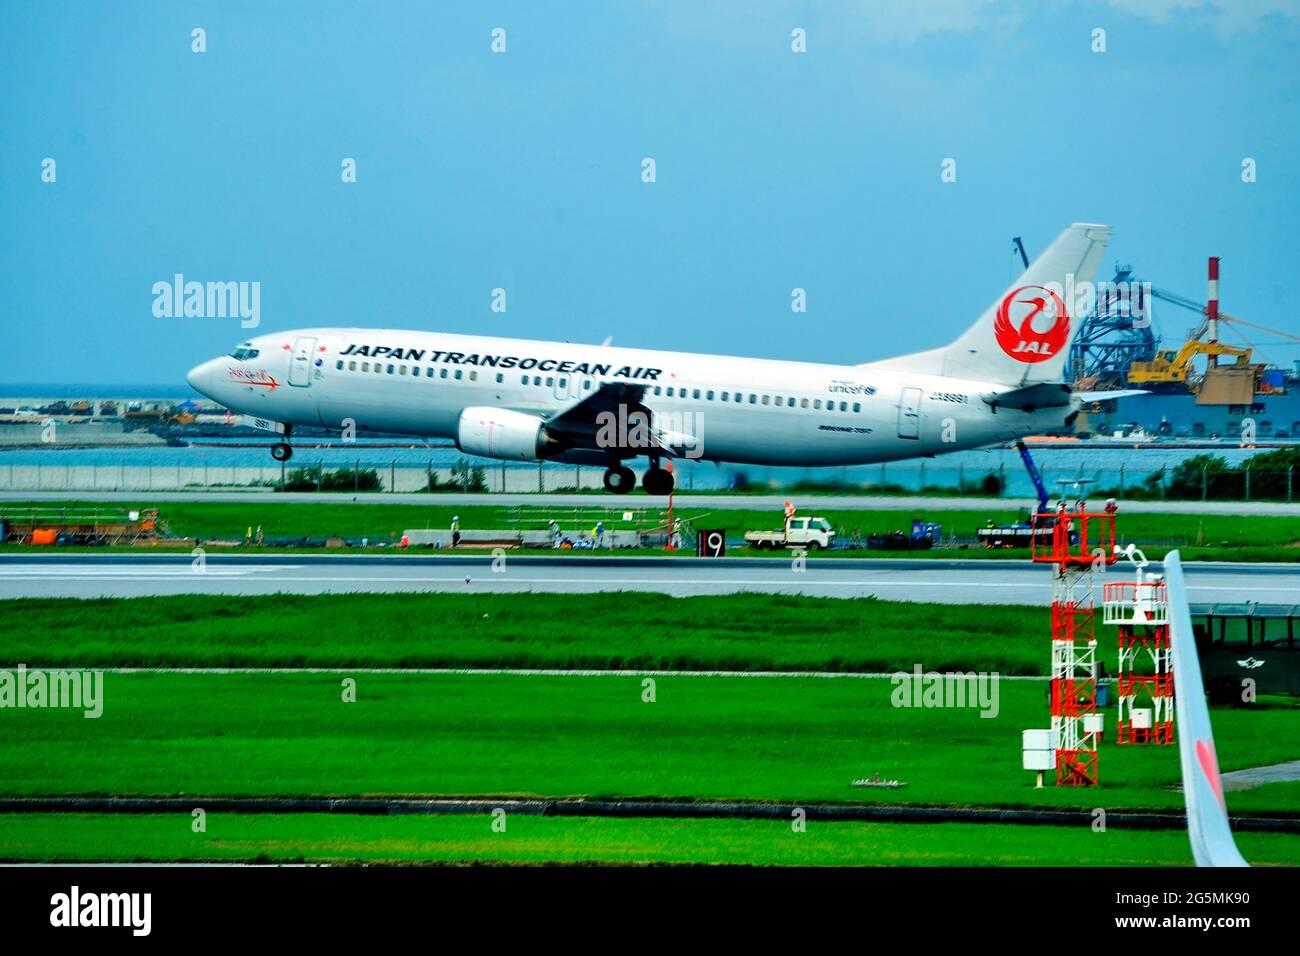 Japan Transocean Air, JTA, Boeing B-737/400, JA8991, Landing,  Naha Airport, Naha, Okinawa, Ryukyu Islands, Japan Stock Photo